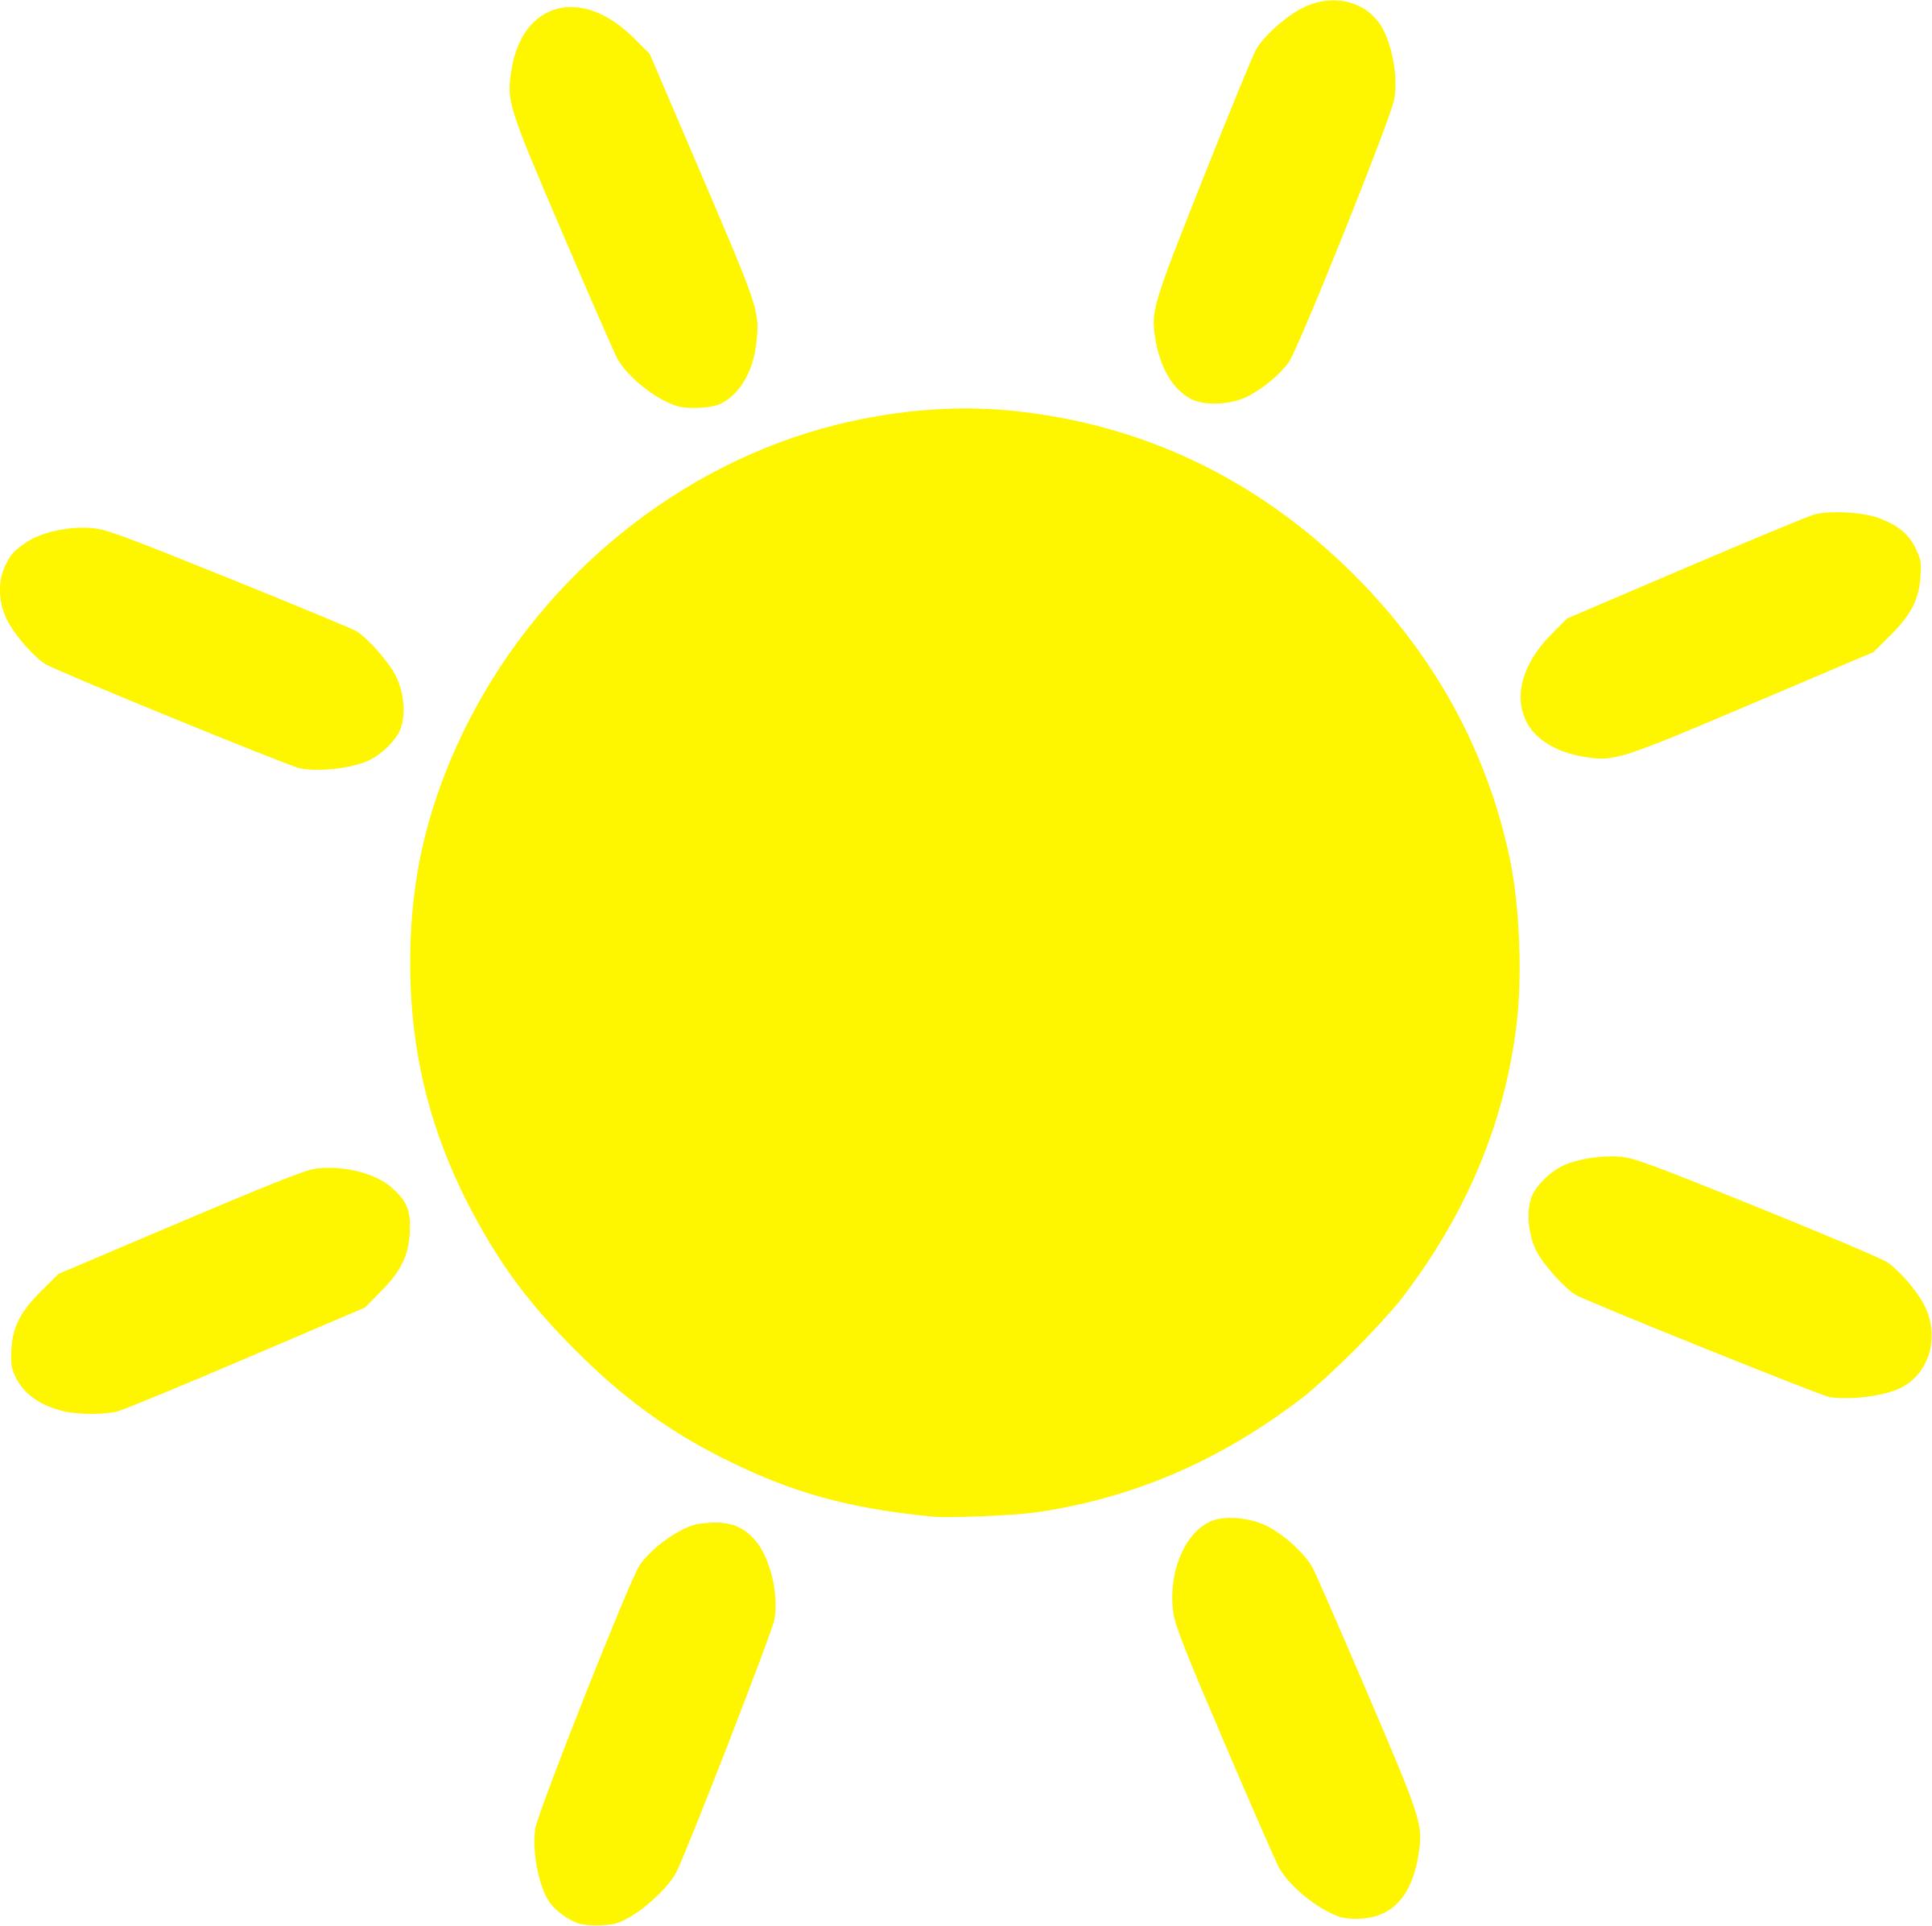 Sun clipart Clipartix Free sun 3 clipart